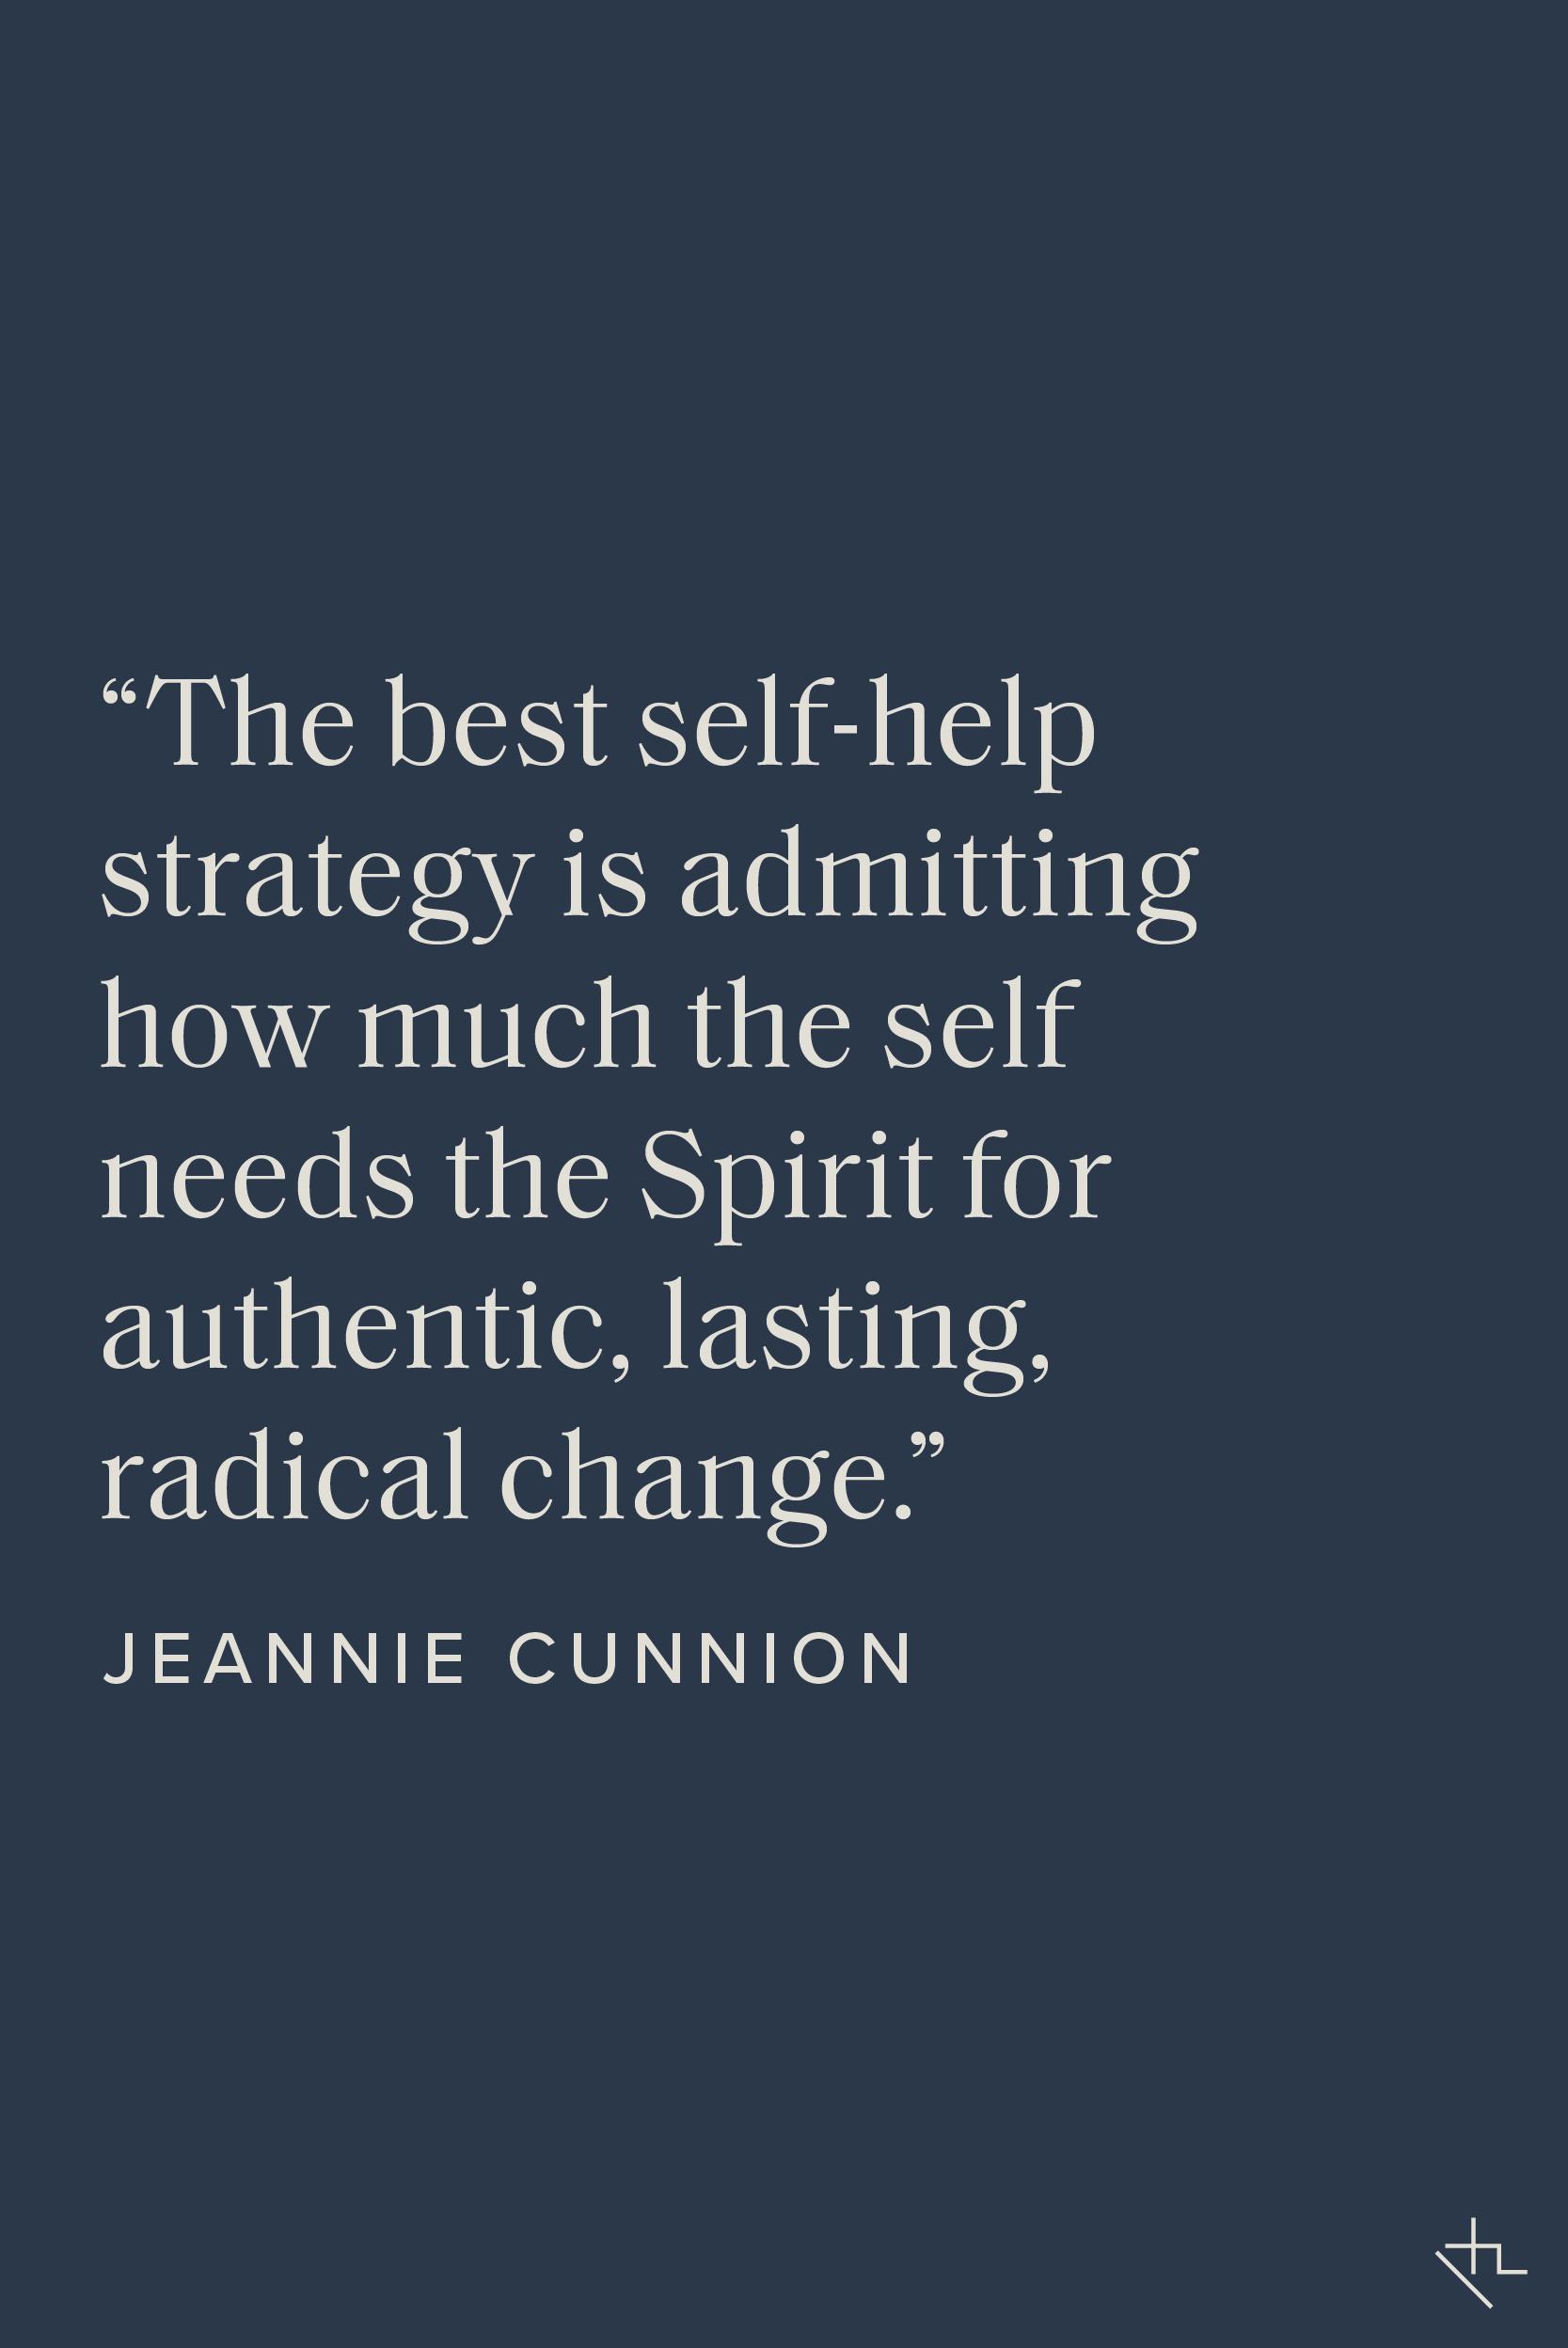 Jeannie Cunnion - Pinterest Image